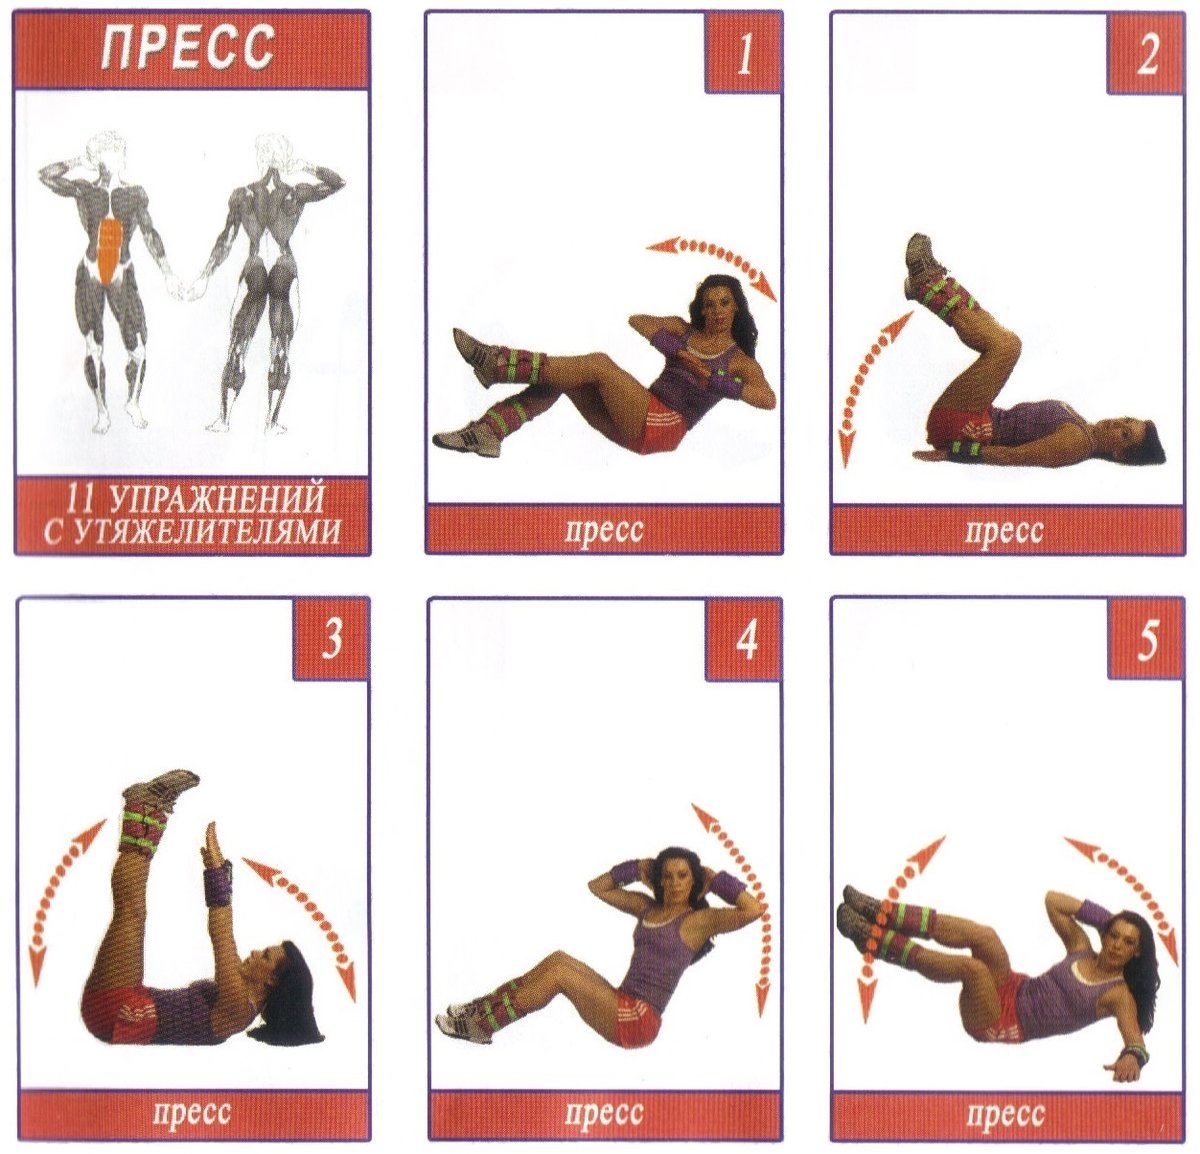 упражнения для рук и пресса в картинках изначально неокрашенный